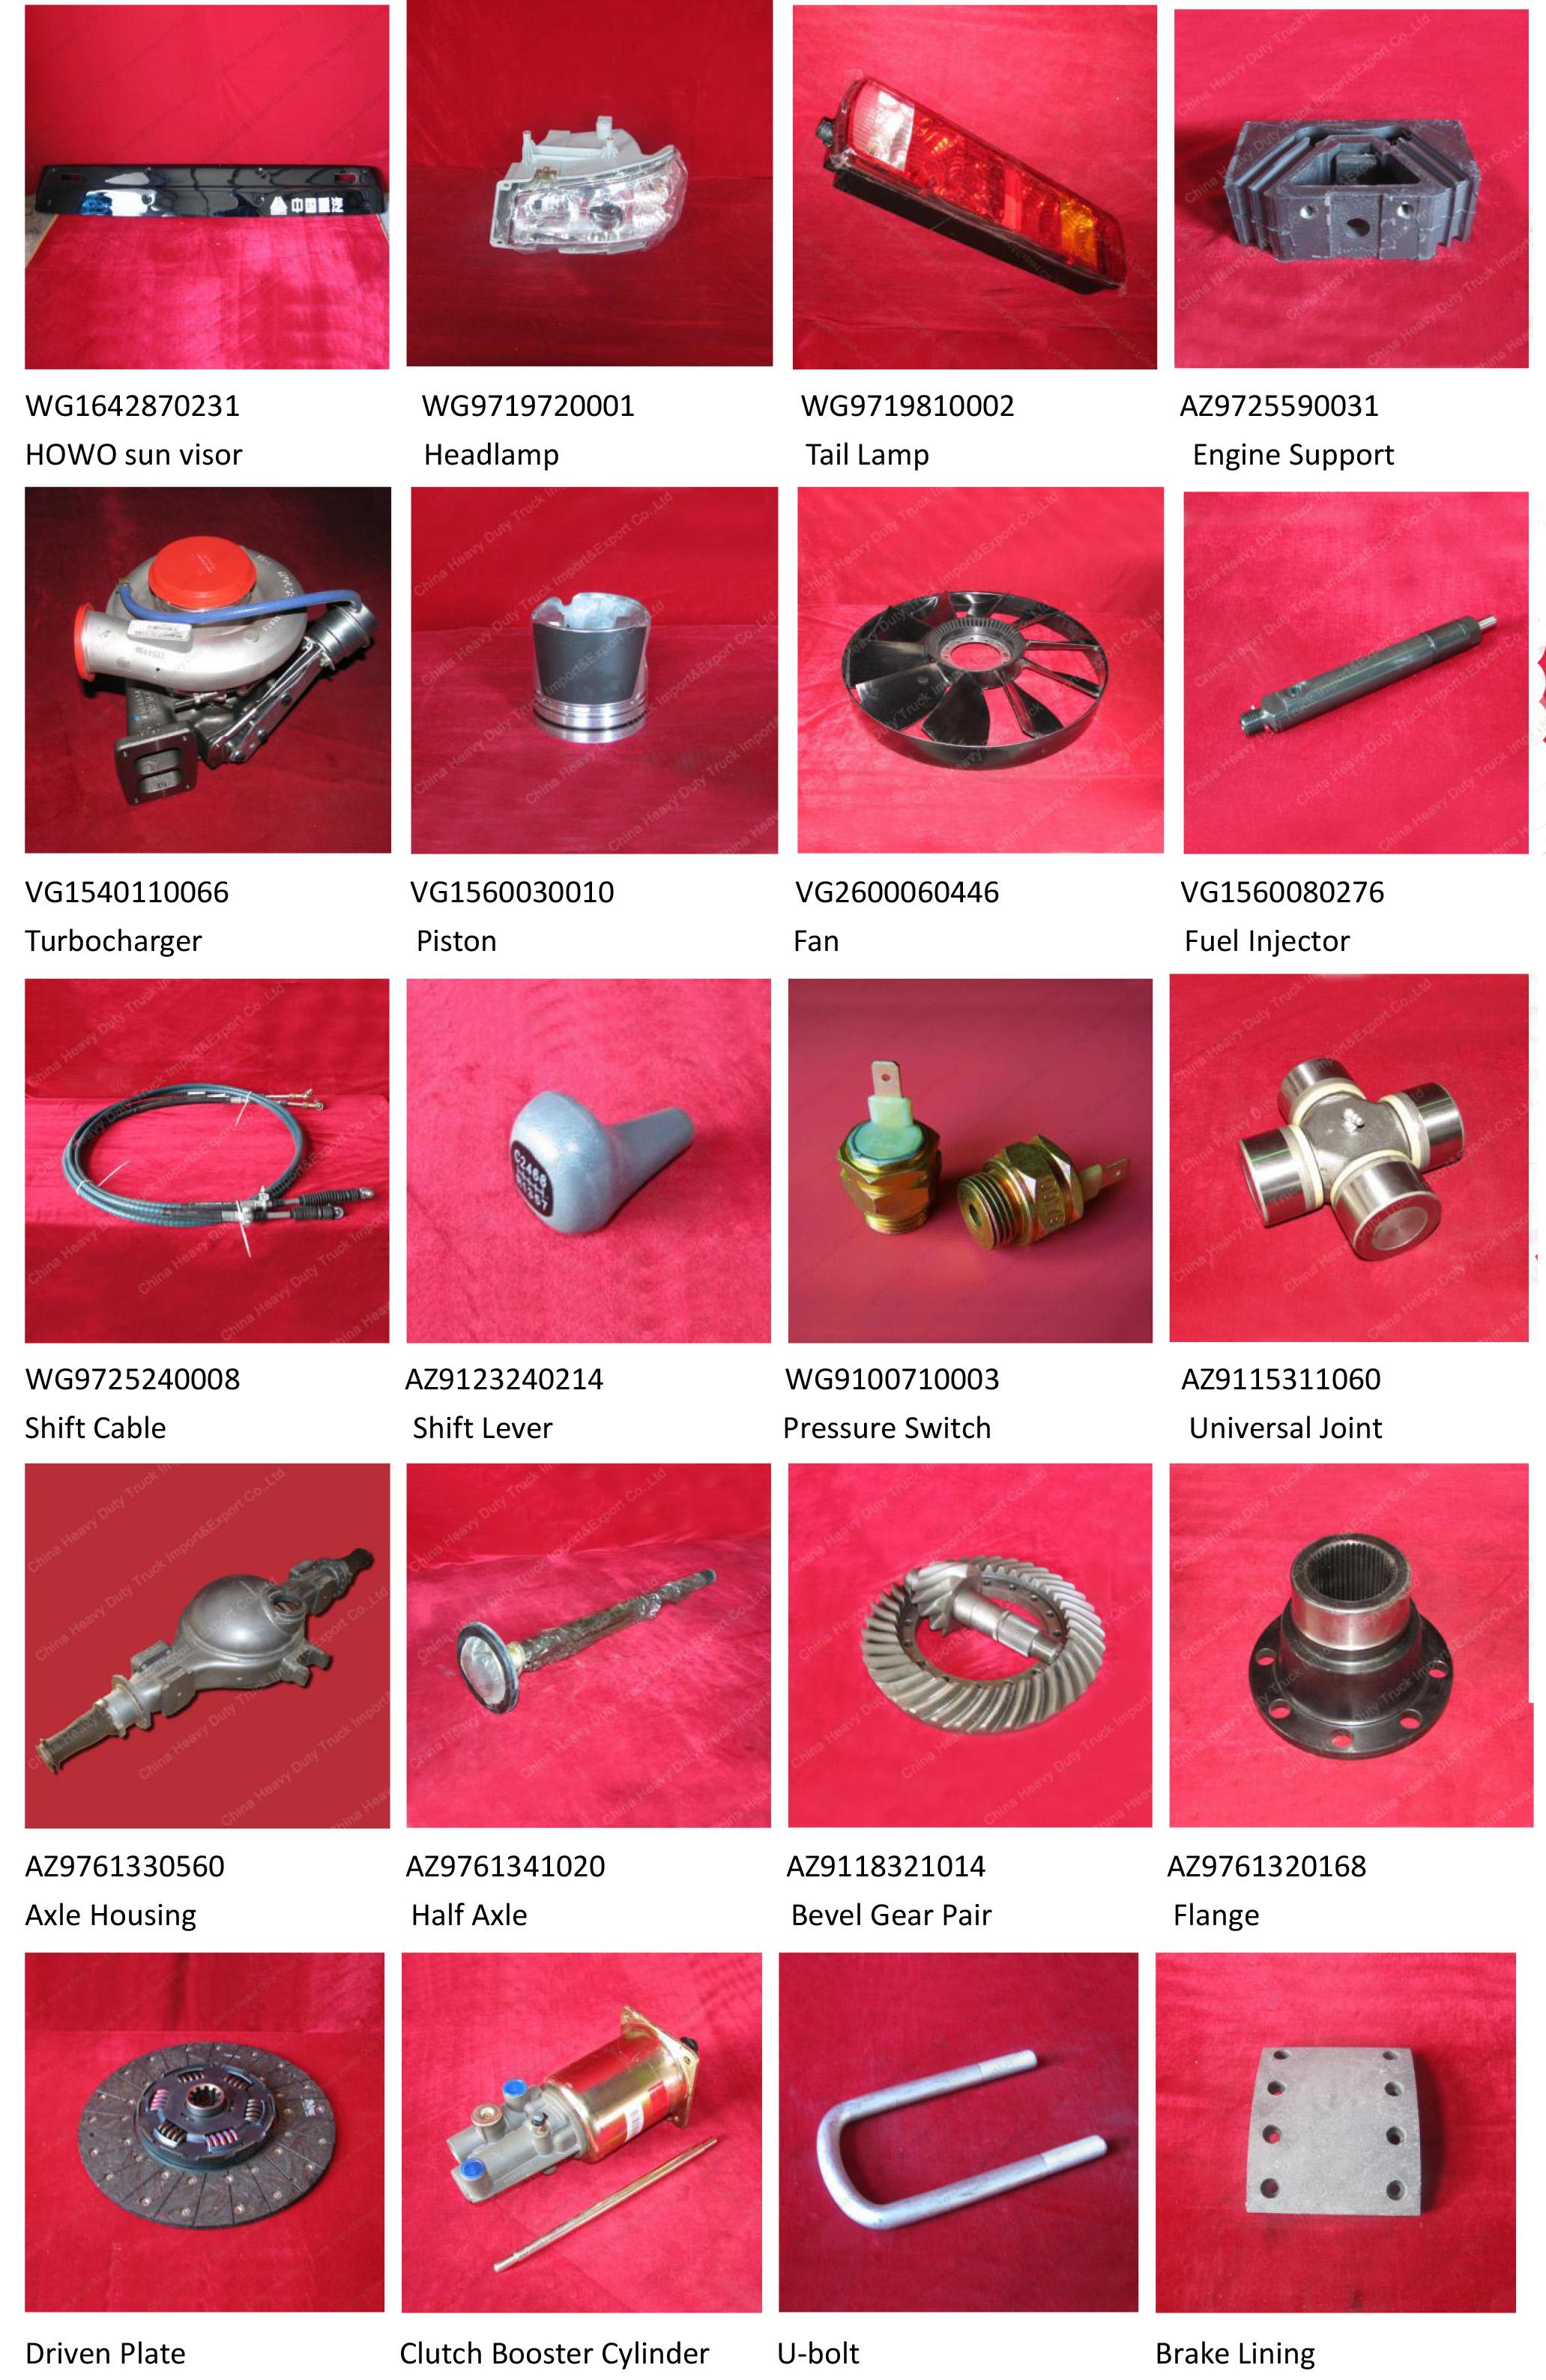 www.sinotrukimpex.org algunas fotos de partes de camiones.jpg